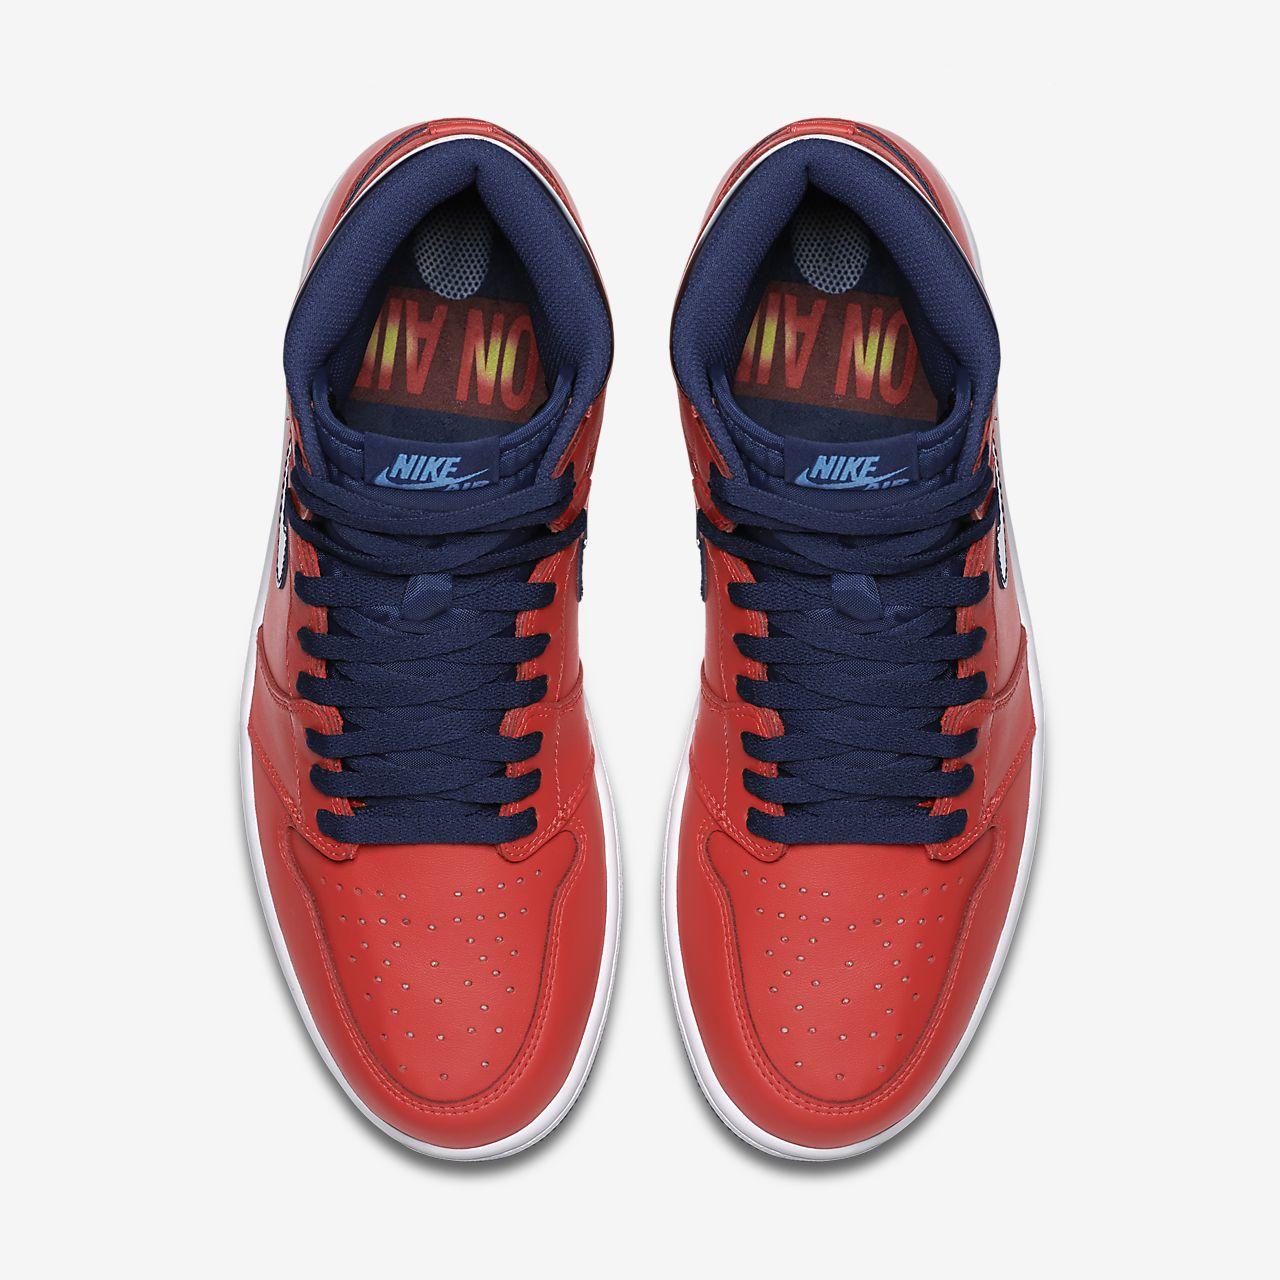 the best attitude f6acf e7f34 Air Jordan 1 Retro High OG Shoe. Nike.com CA